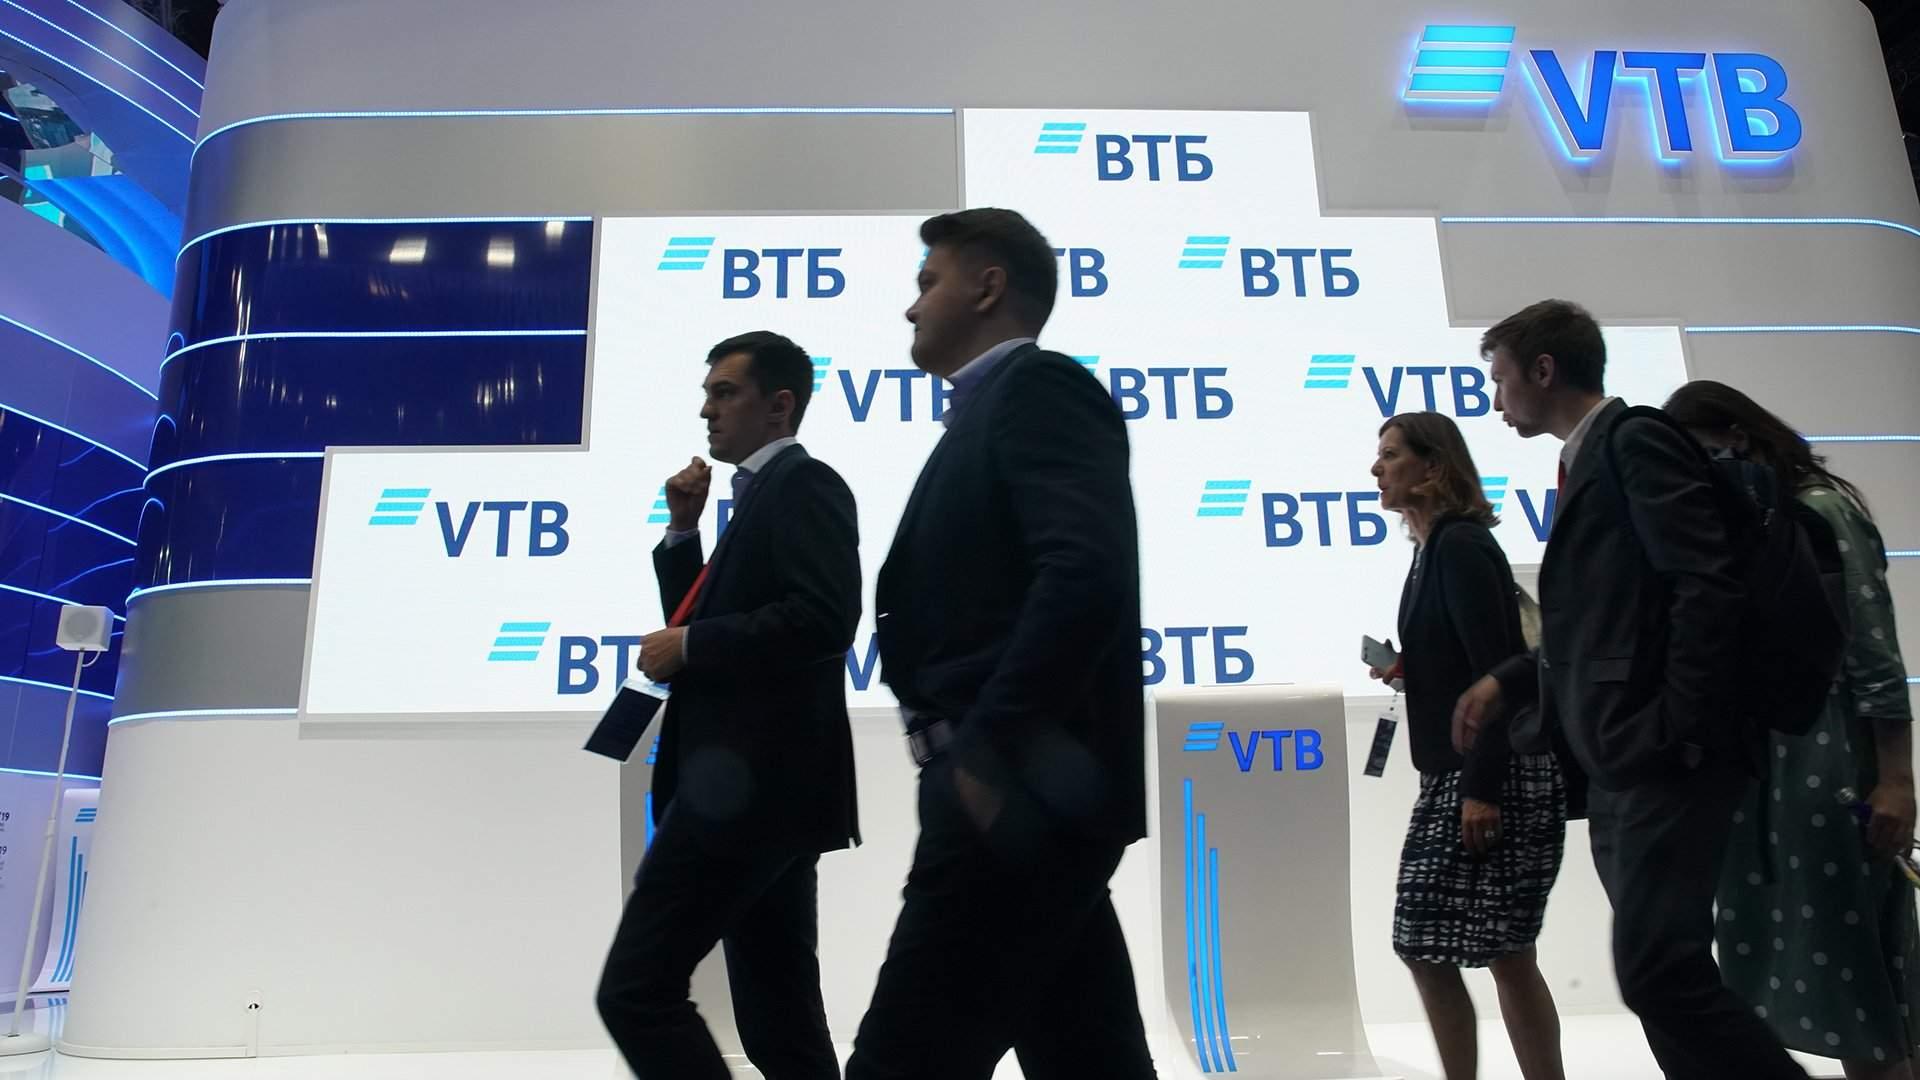 Начерный рынок попали старые данные вкладчиков ВТБ